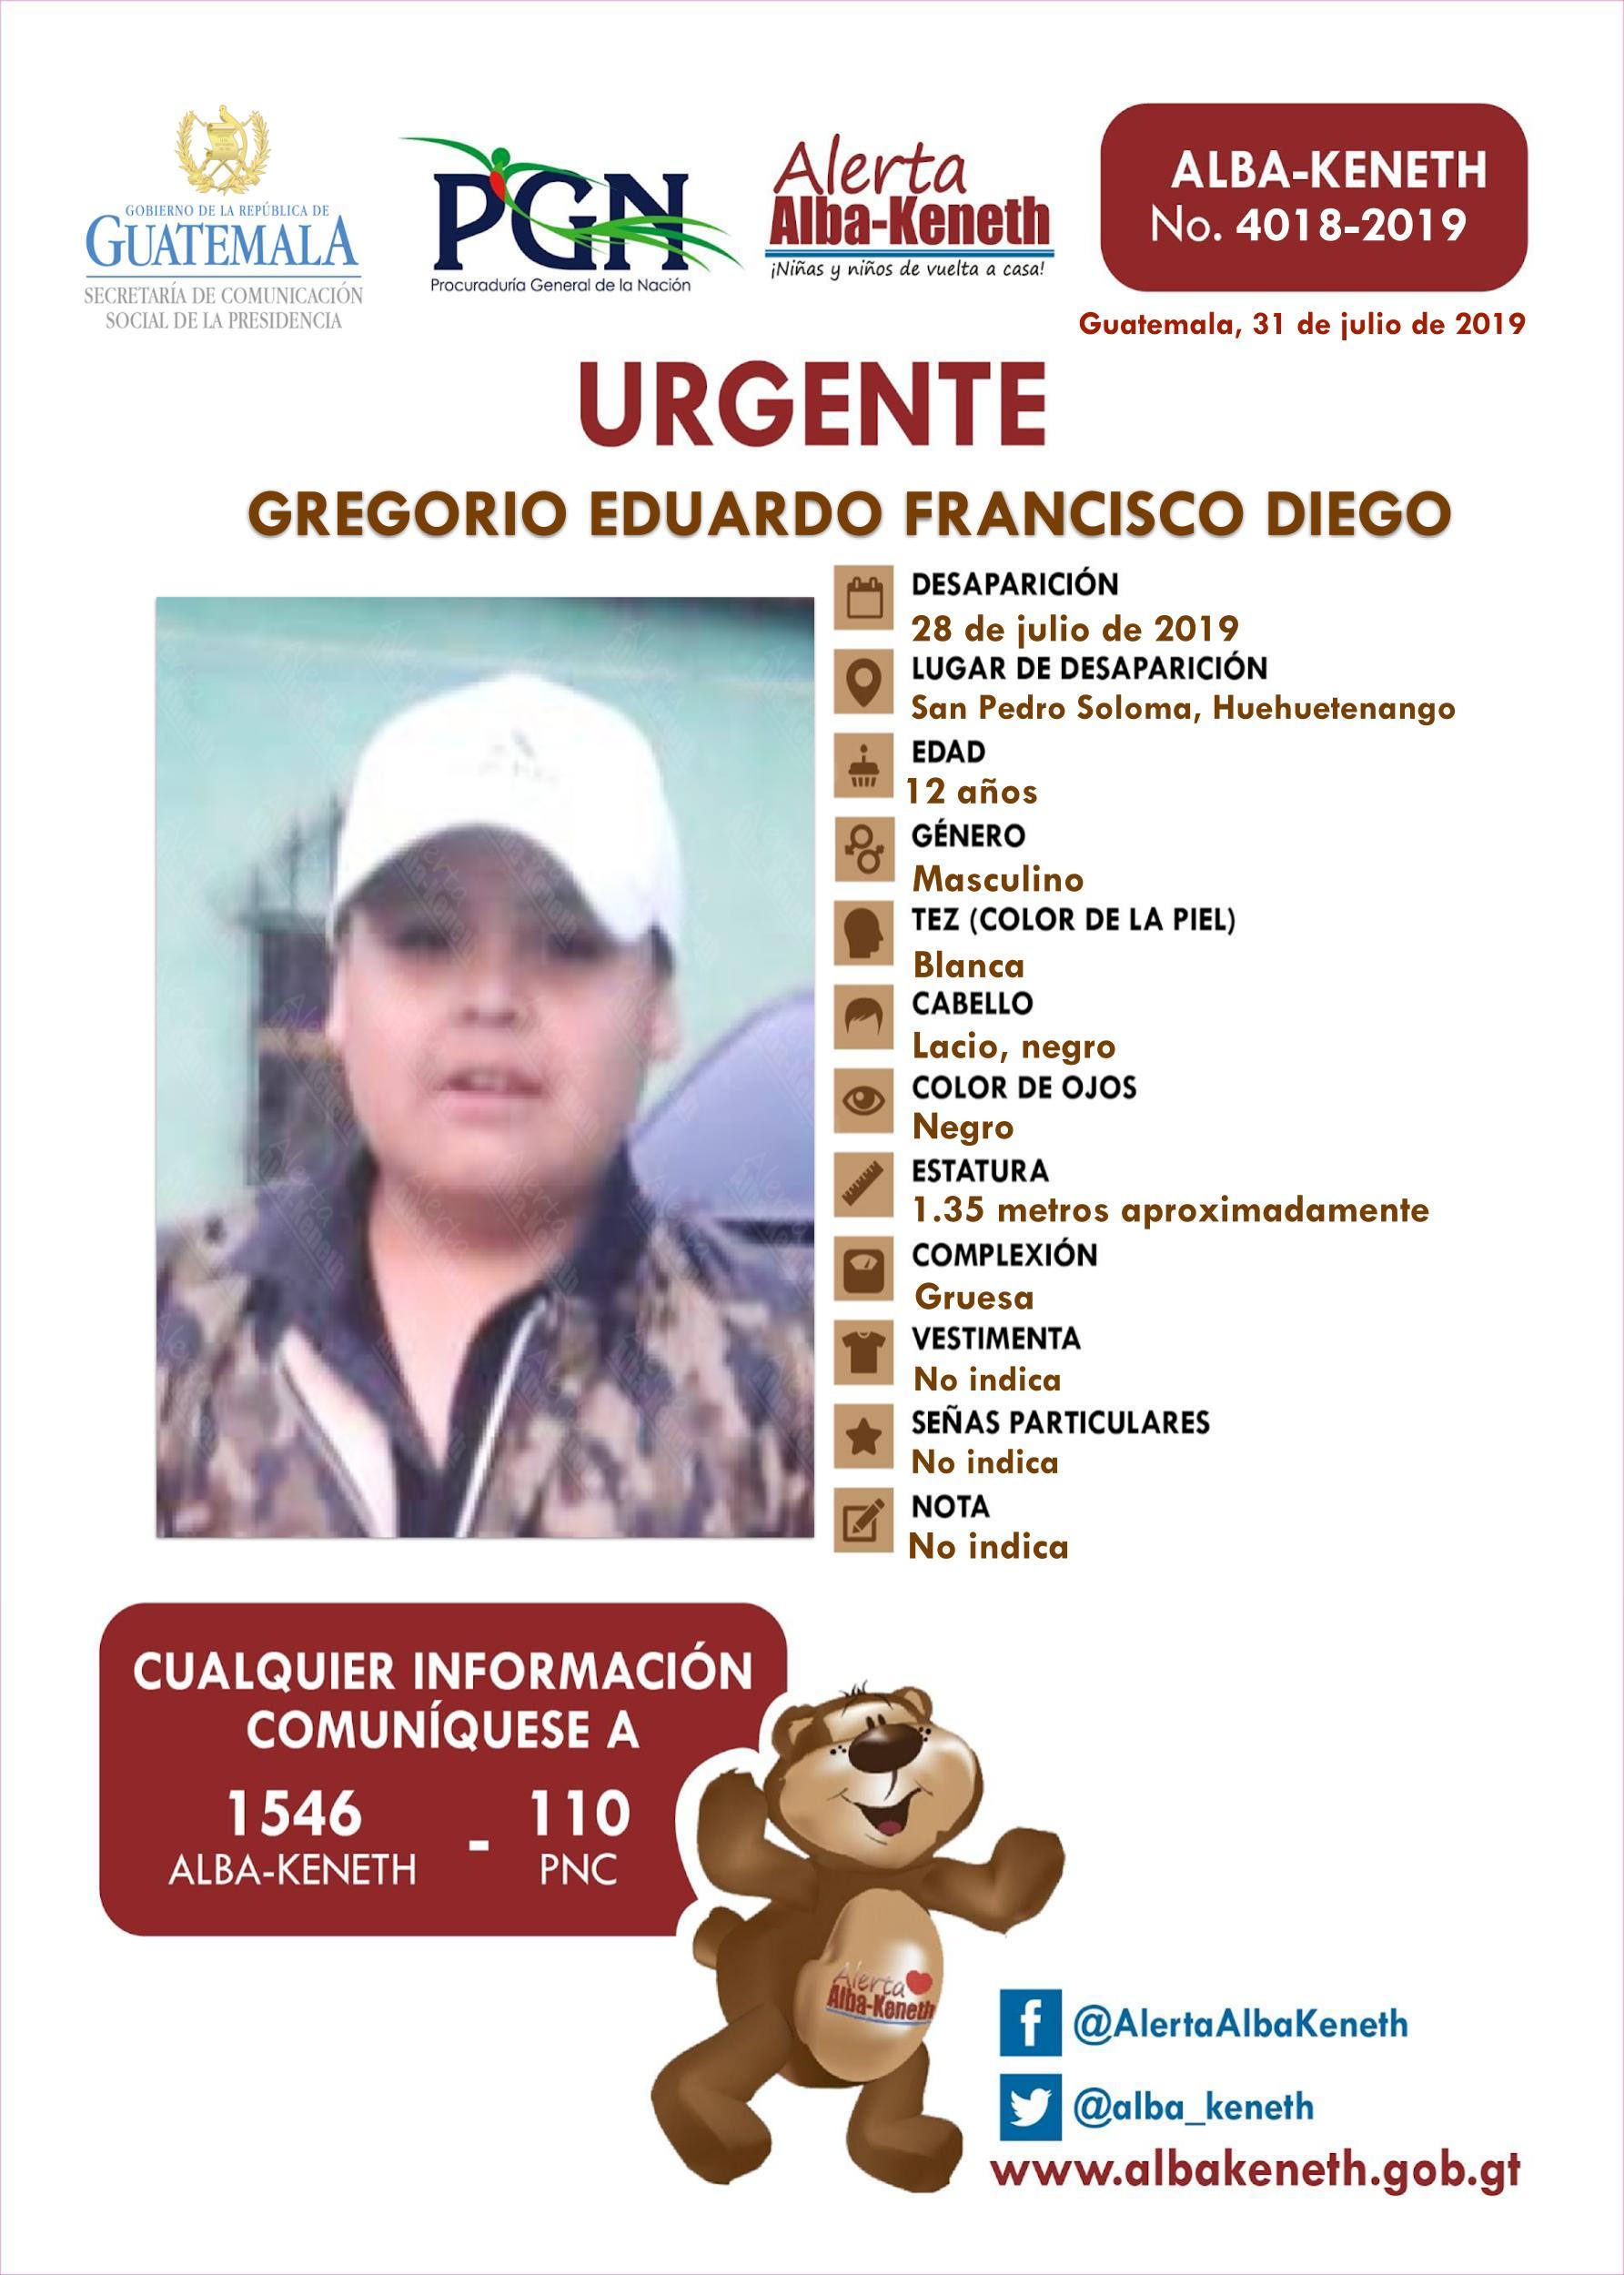 Gregorio Eduardo Francisco Diego